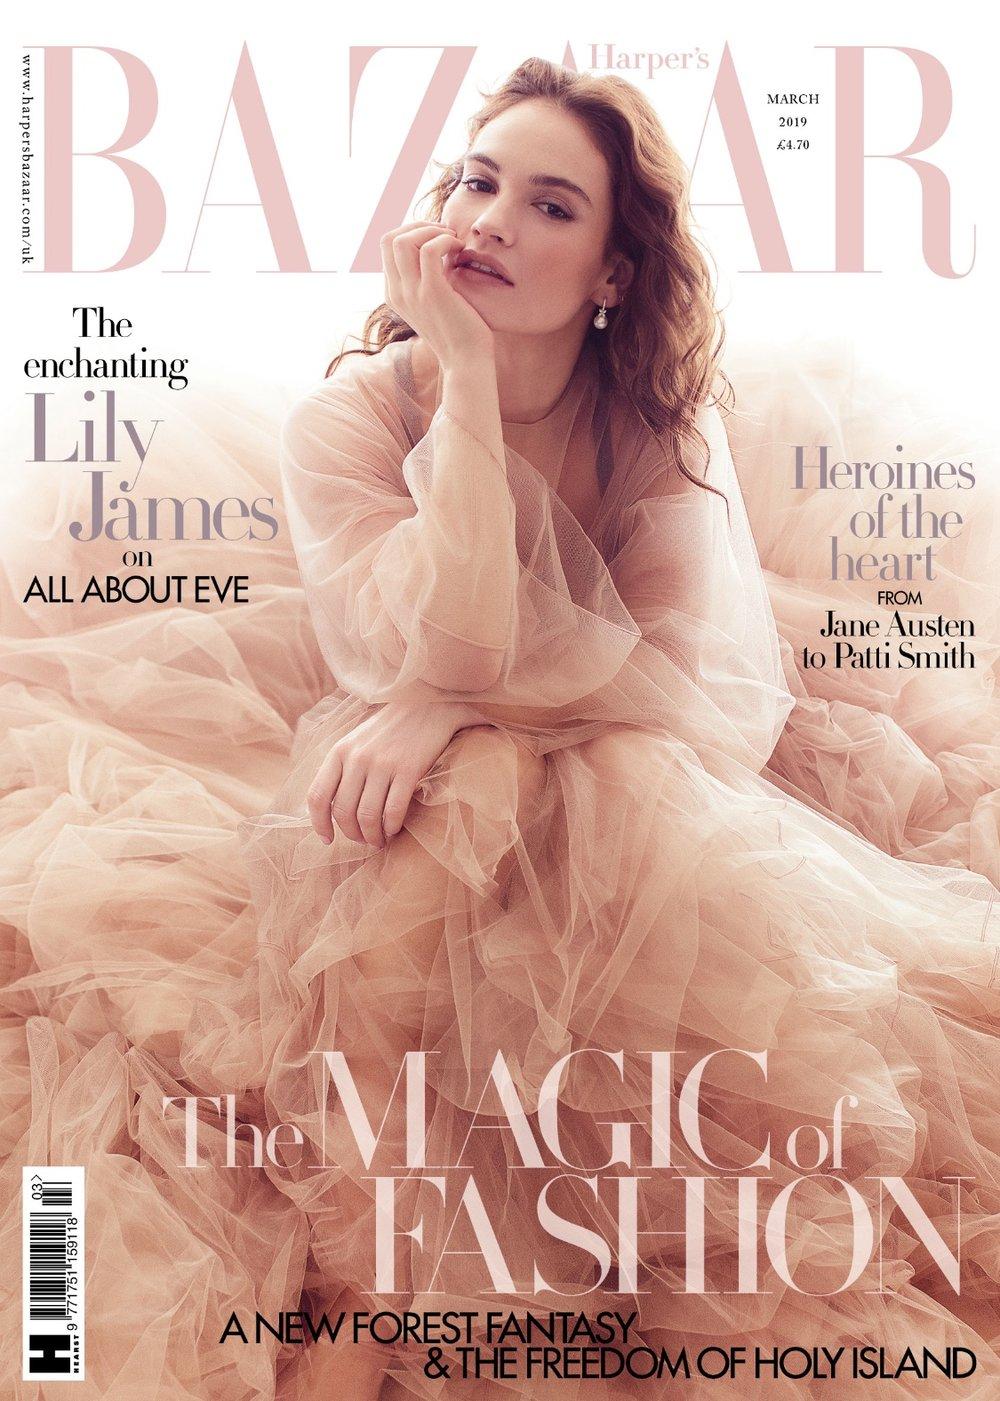 Harpers Bazaar- March 2019